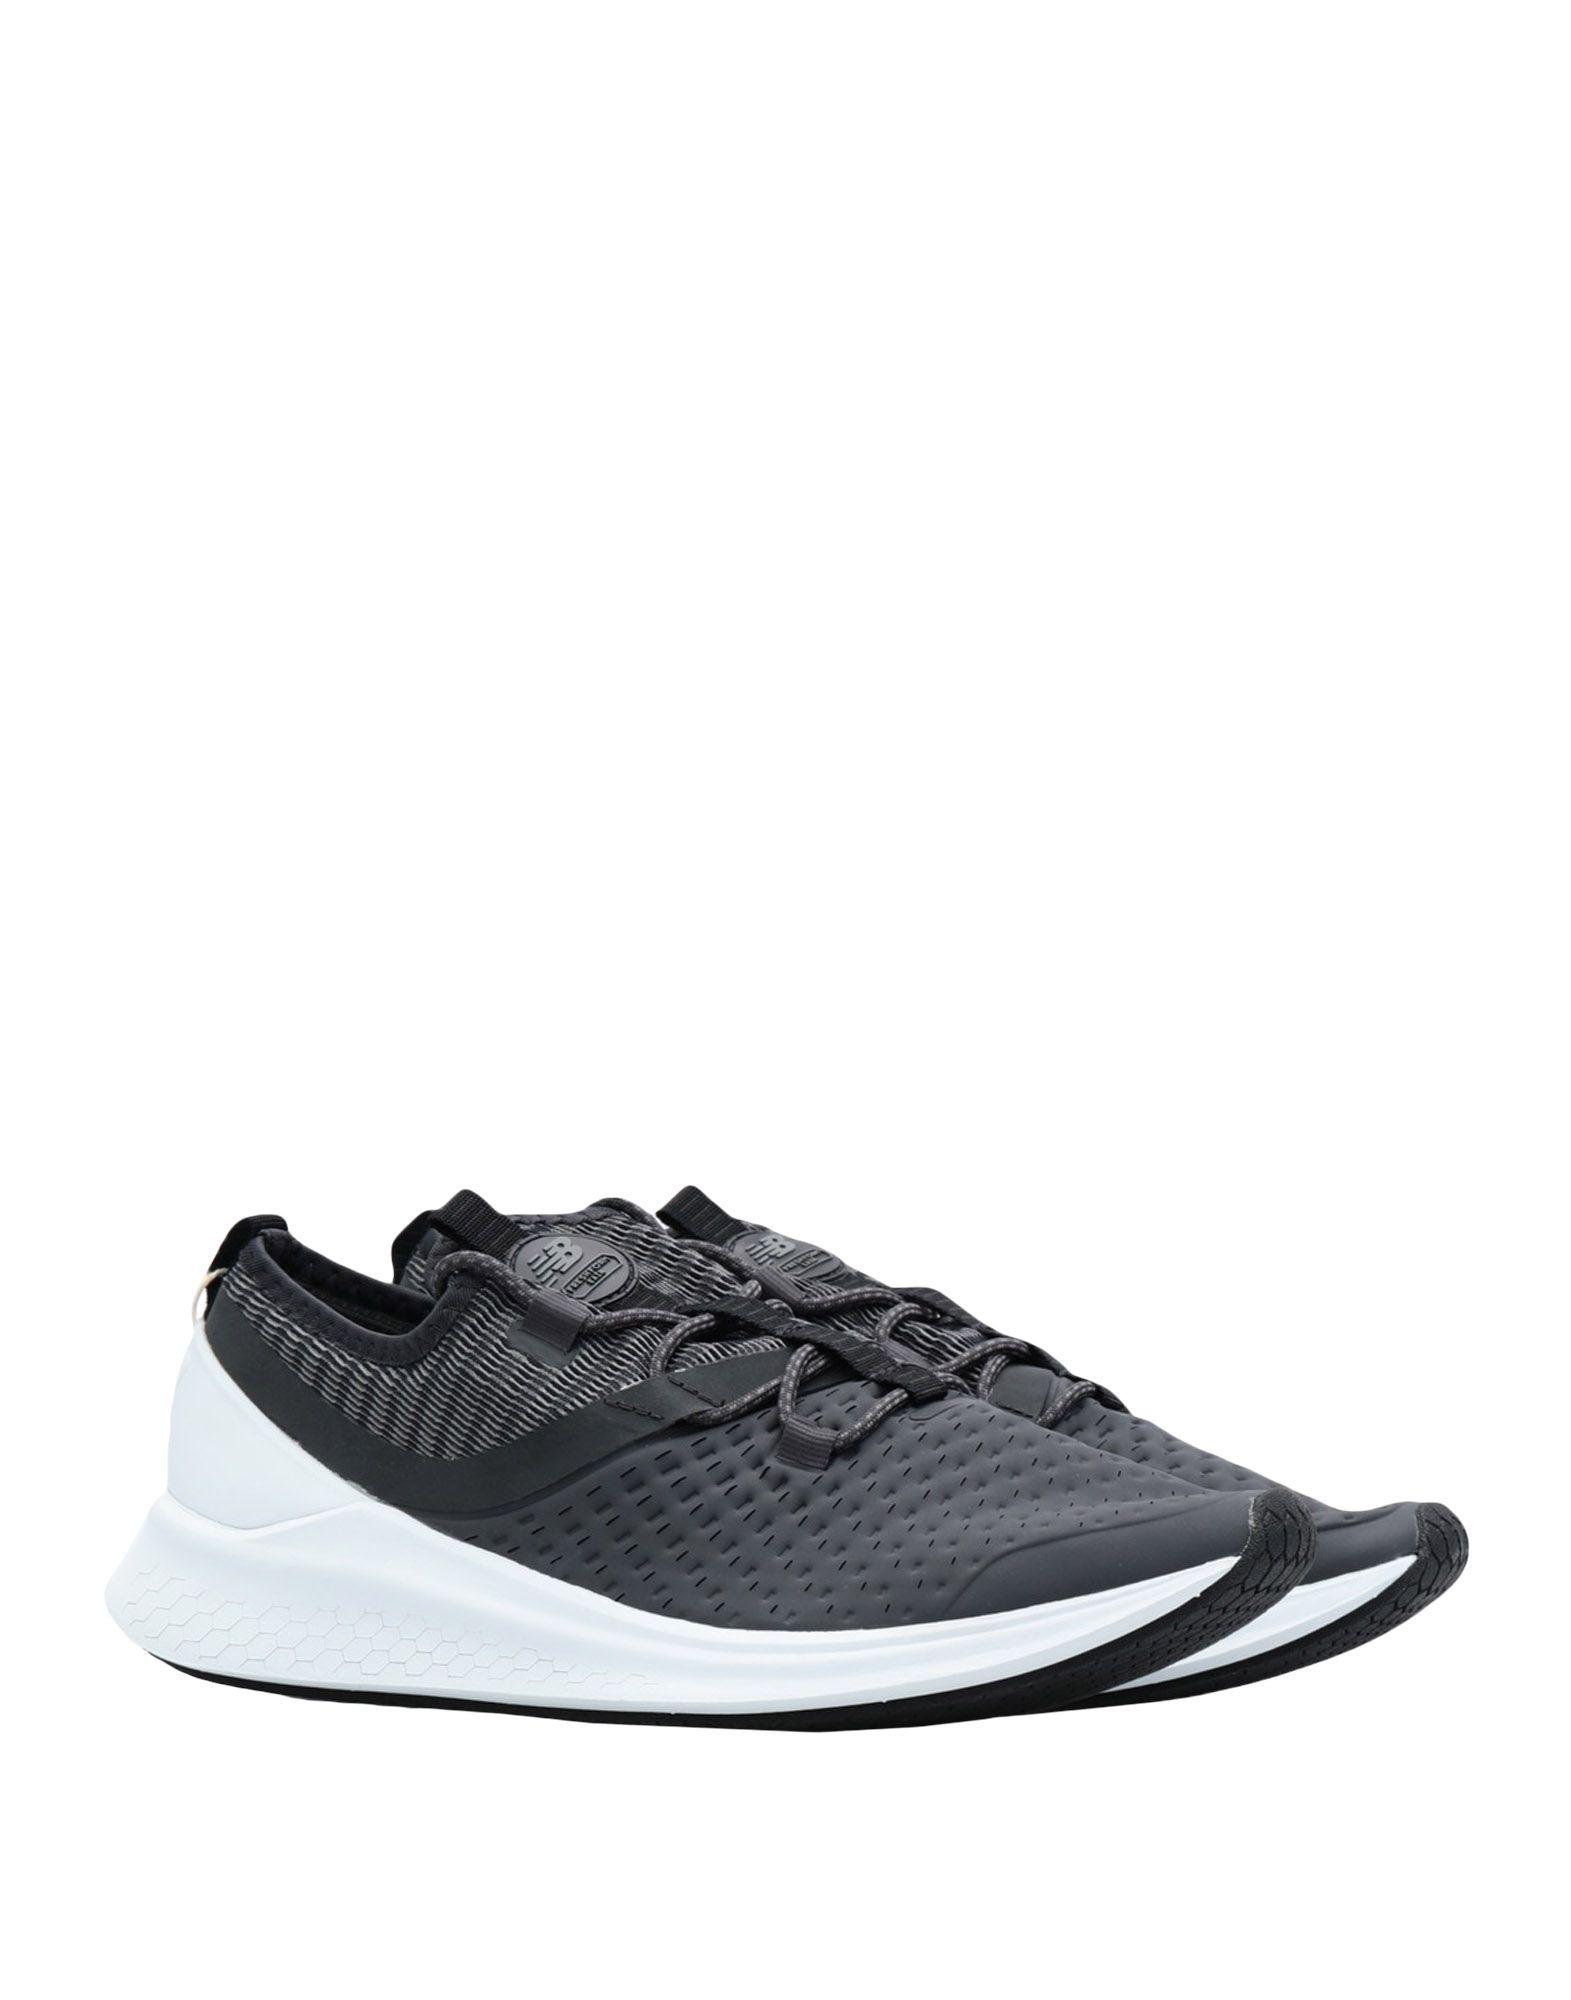 Sneakers New Balance Fresh Foam Lazr Hyposkin - Femme - Sneakers New Balance sur